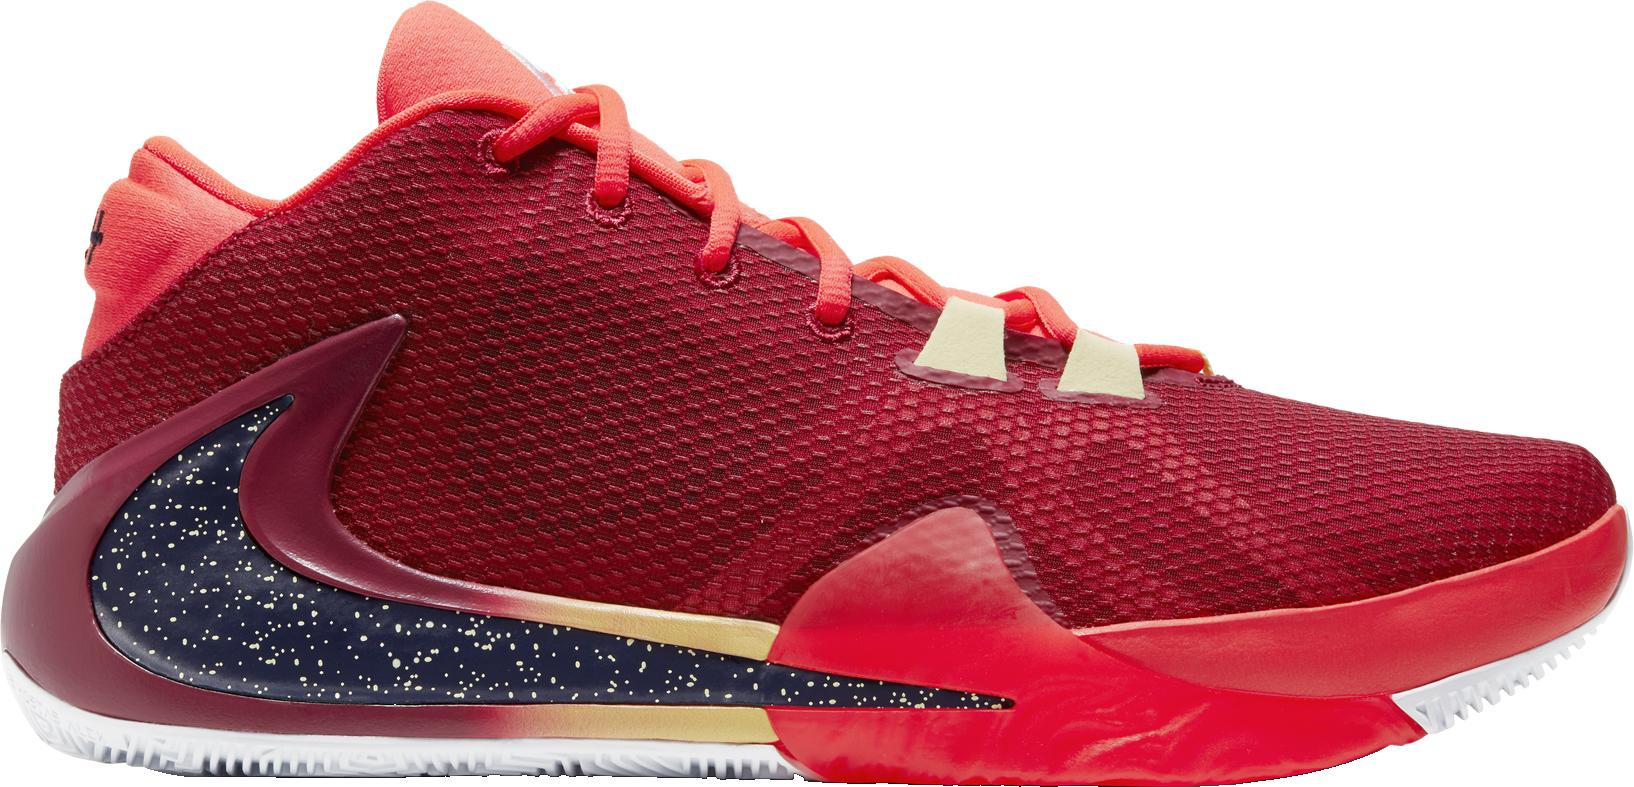 Colorway Of His Nike Zoom Freak 1